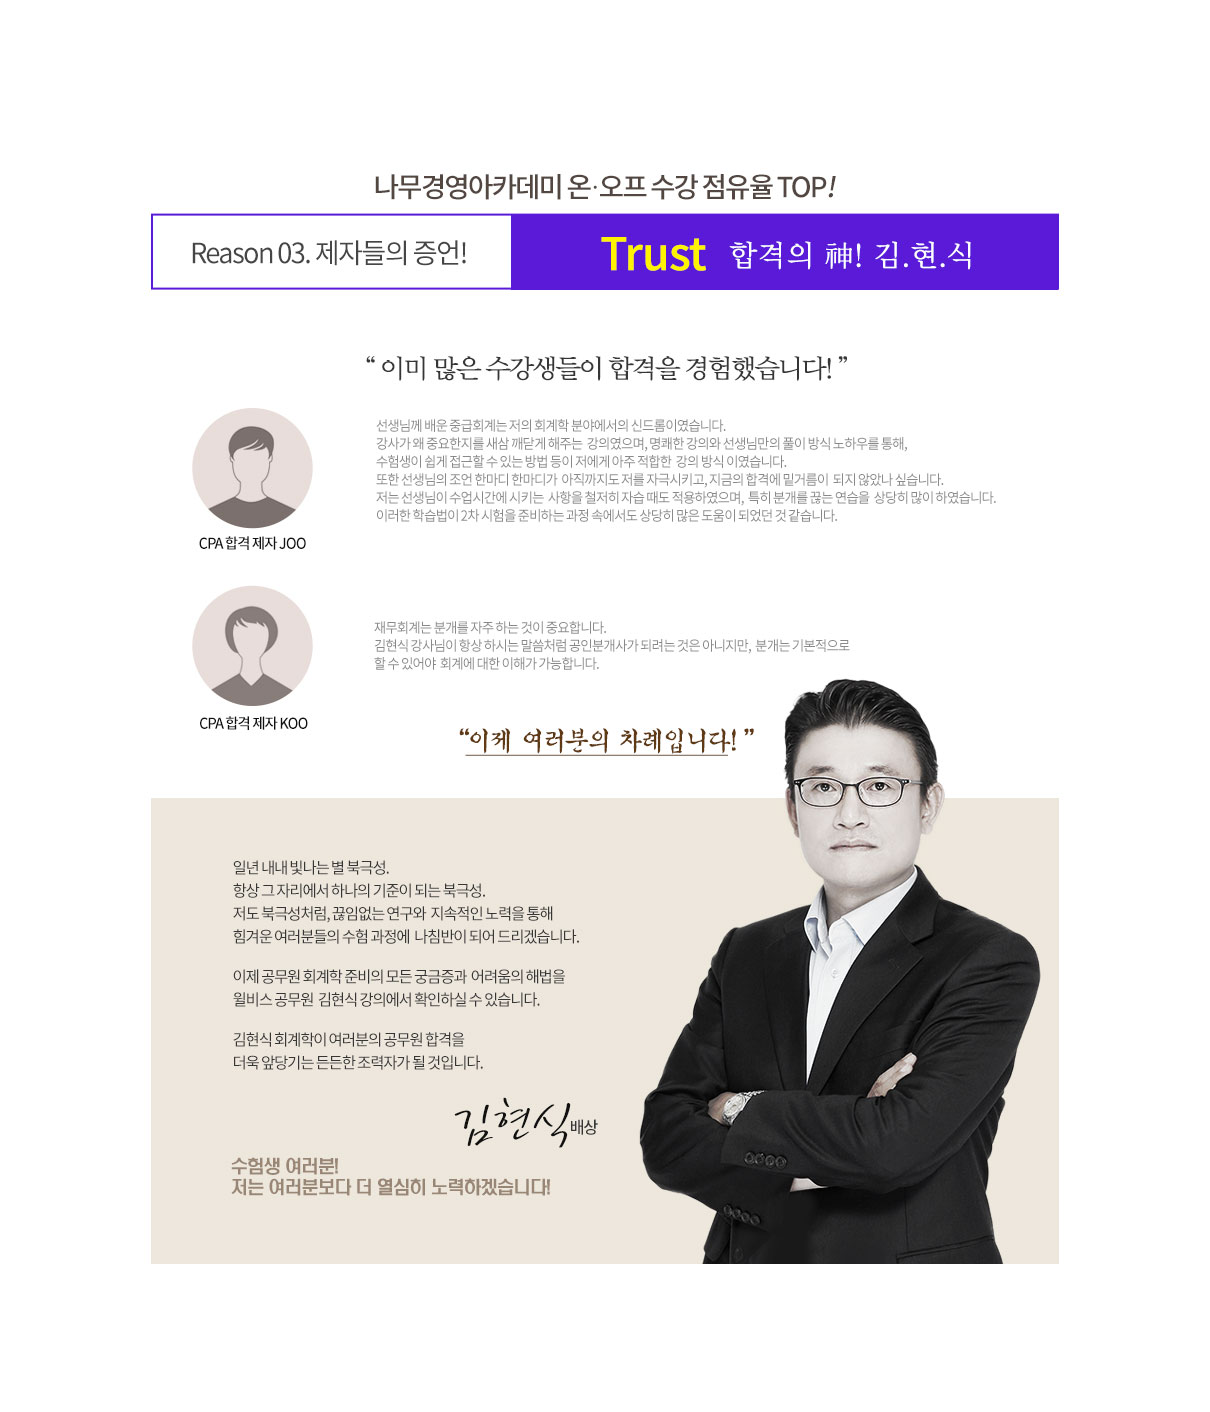 합격의 신 김현식